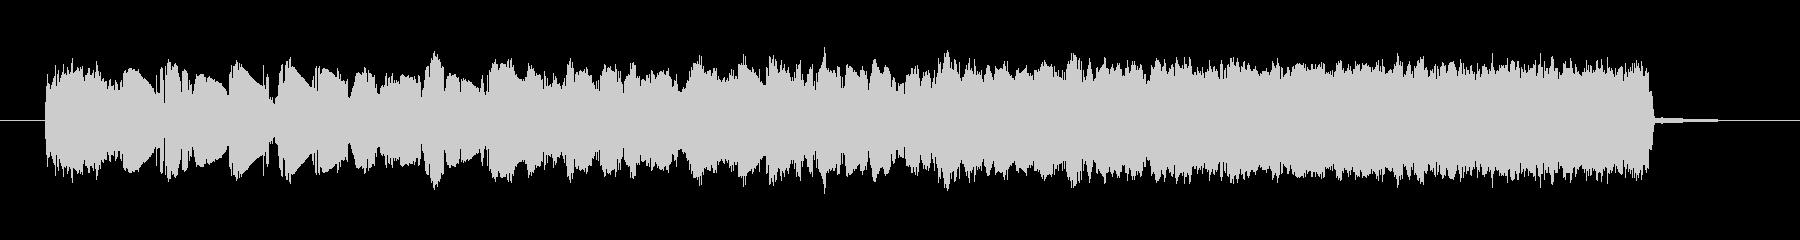 グリッティパンチングノイズスイープ1の未再生の波形